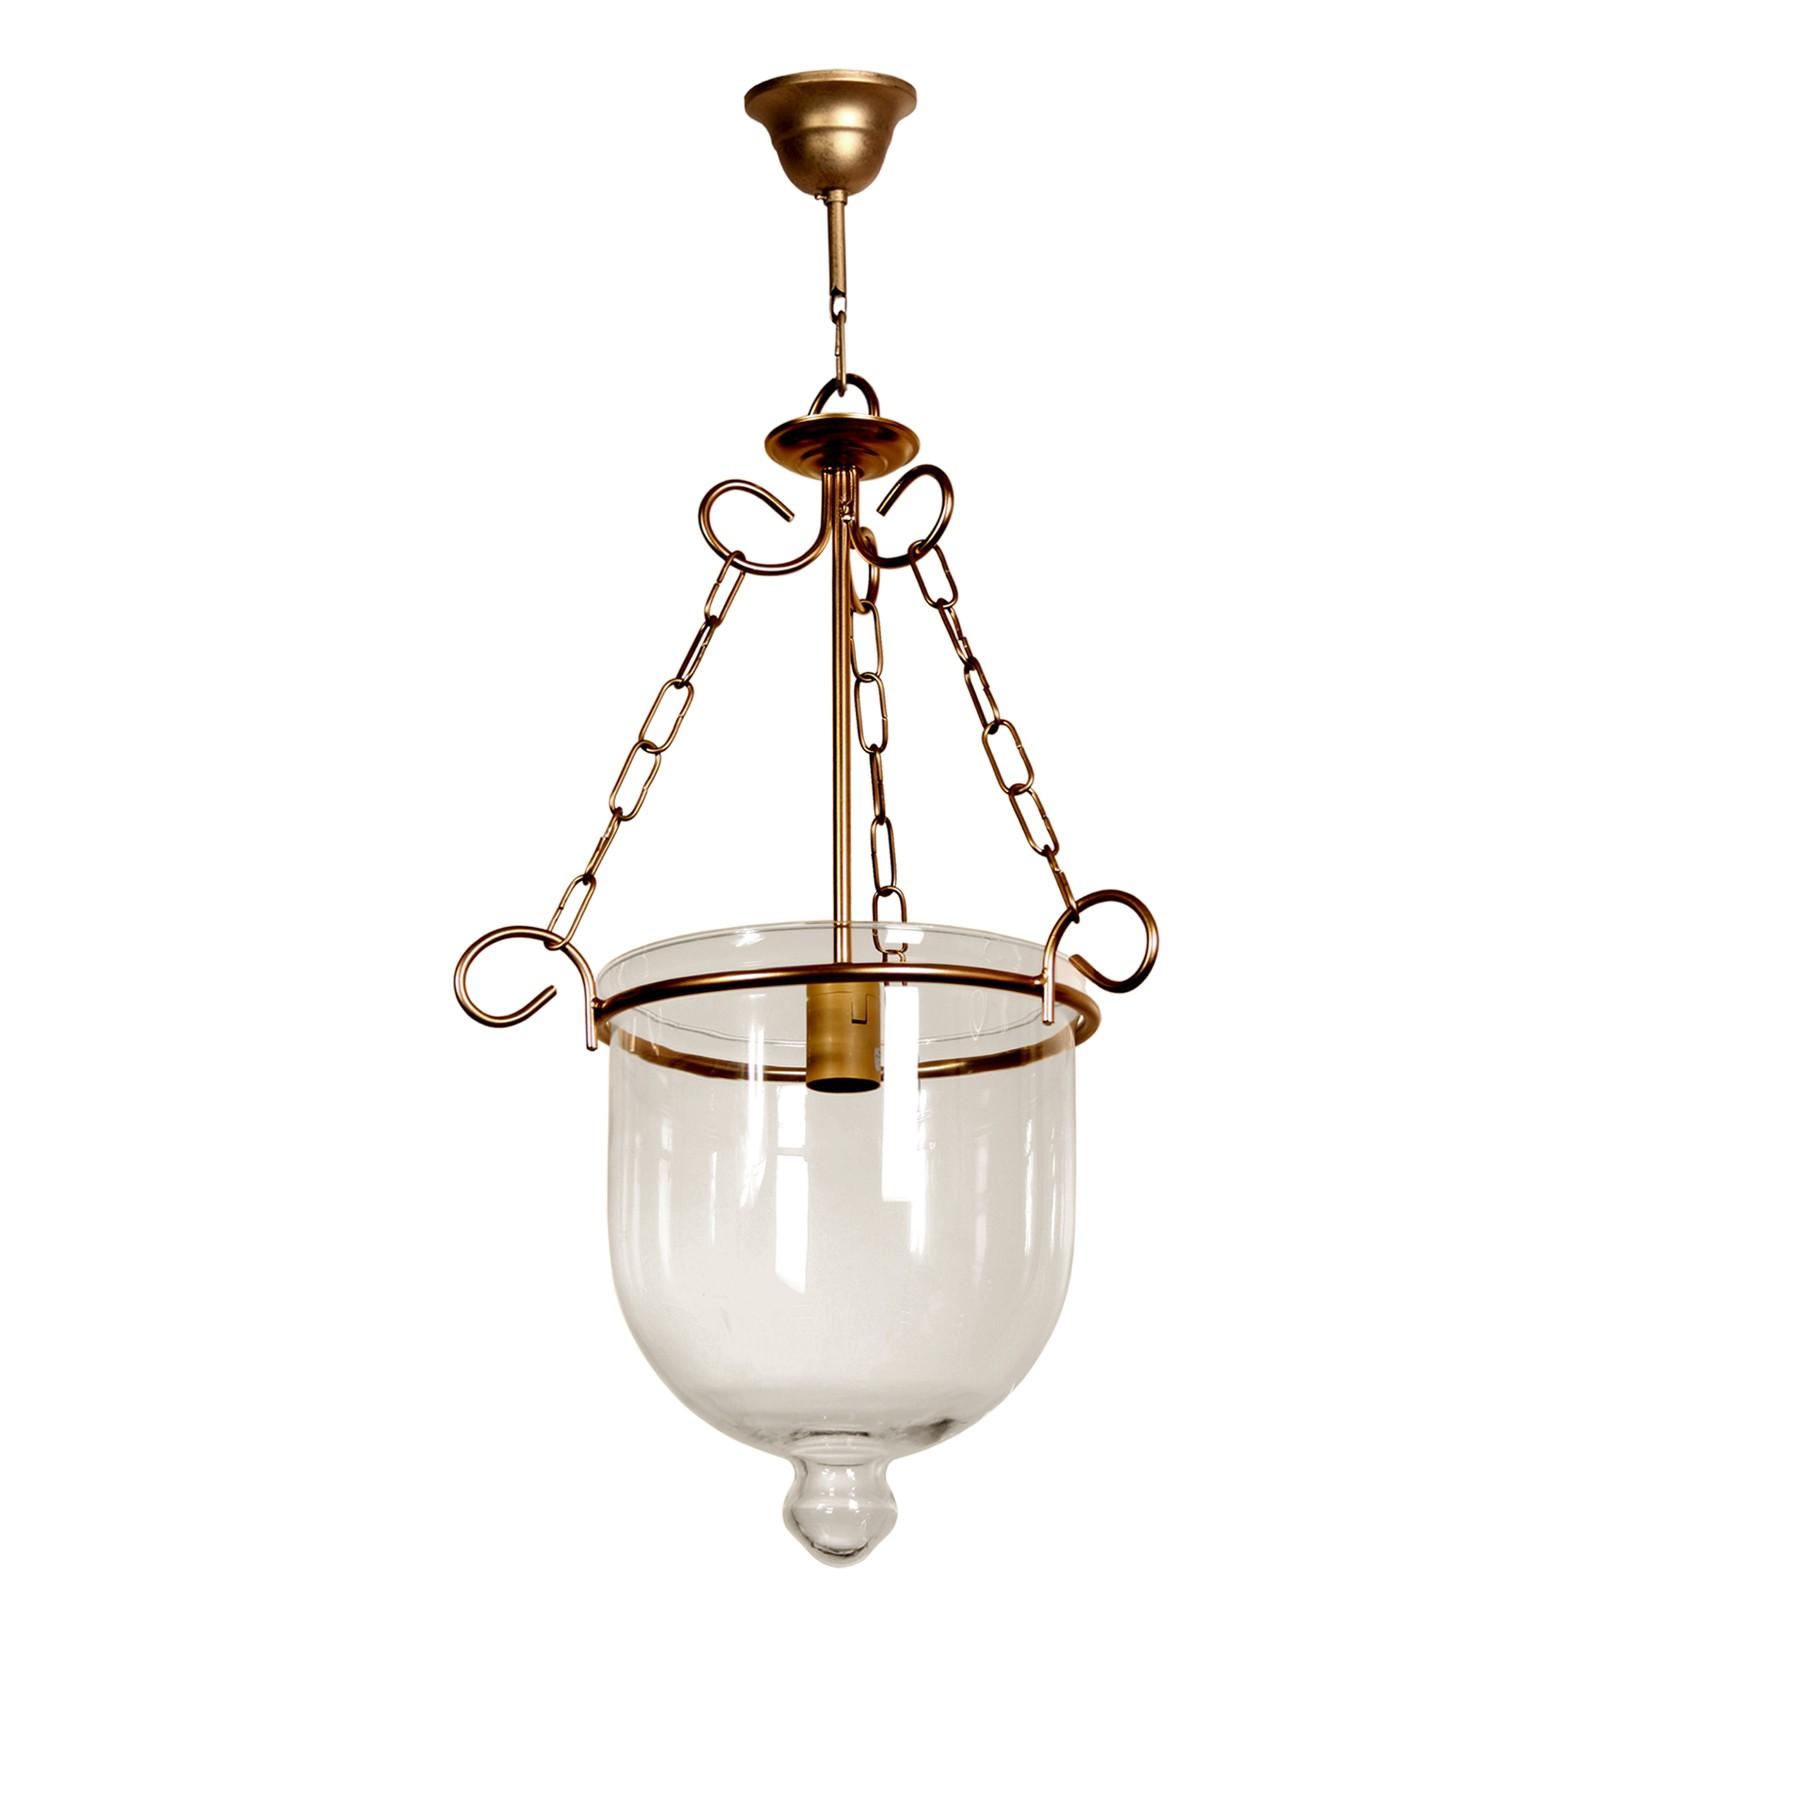 L mpara de techo modelo aton for Modelos de lamparas